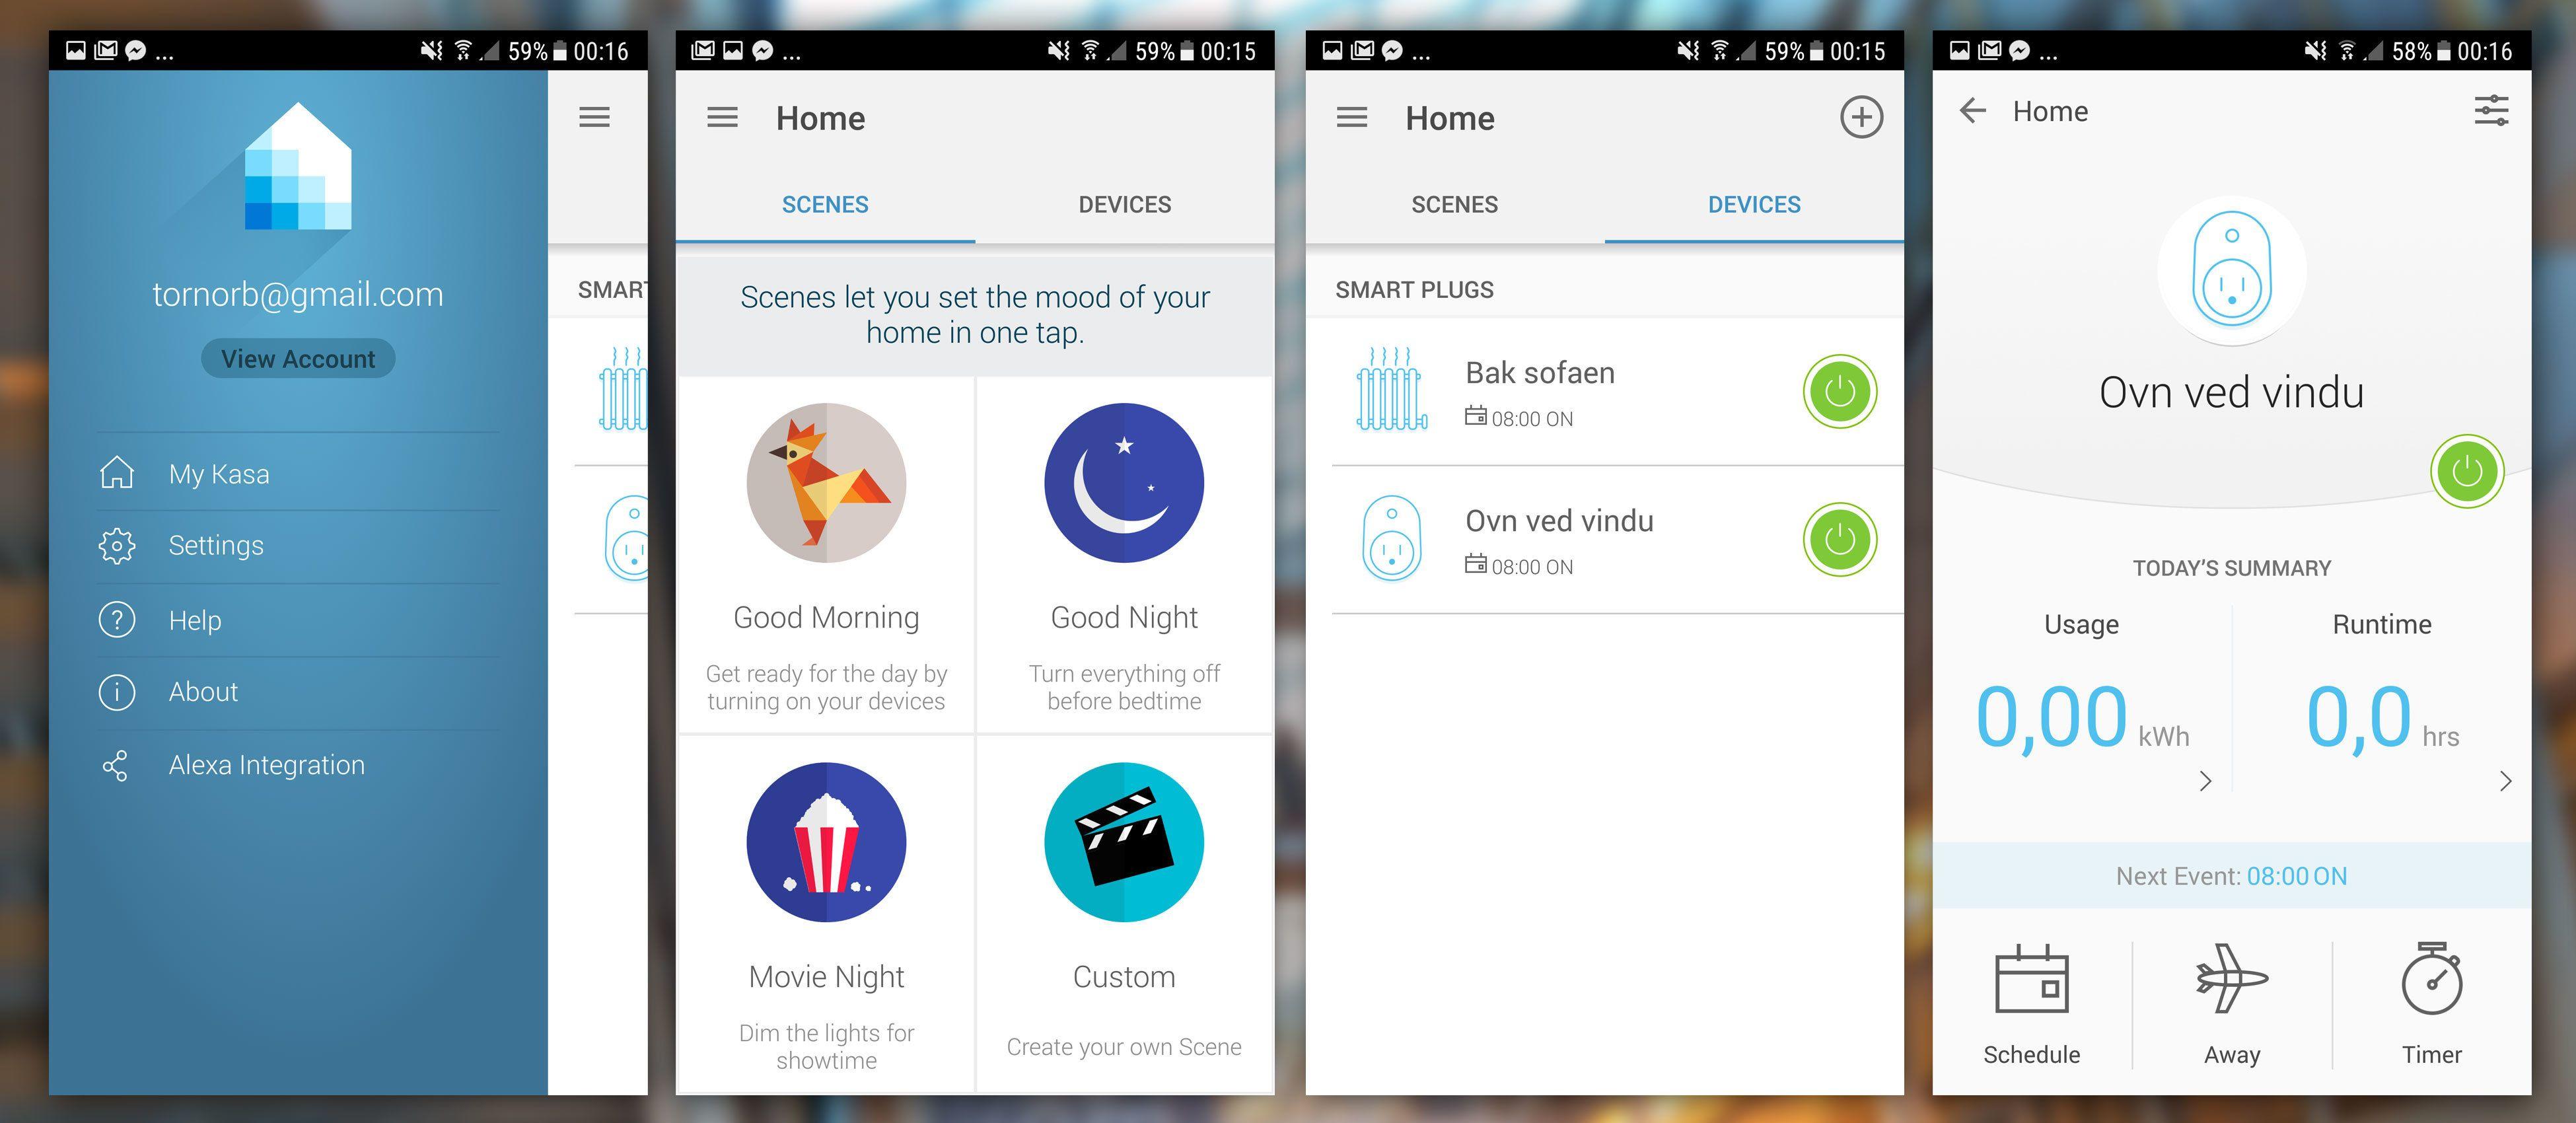 TP-Link har også en finfin app, som kan kobles opp mot både IFTTT og Amazons Alexa. Også egne dagsmoduser finner du her. Én av pluggene vi fikk måler strøm, og har følgelig en «Usage»-meny.